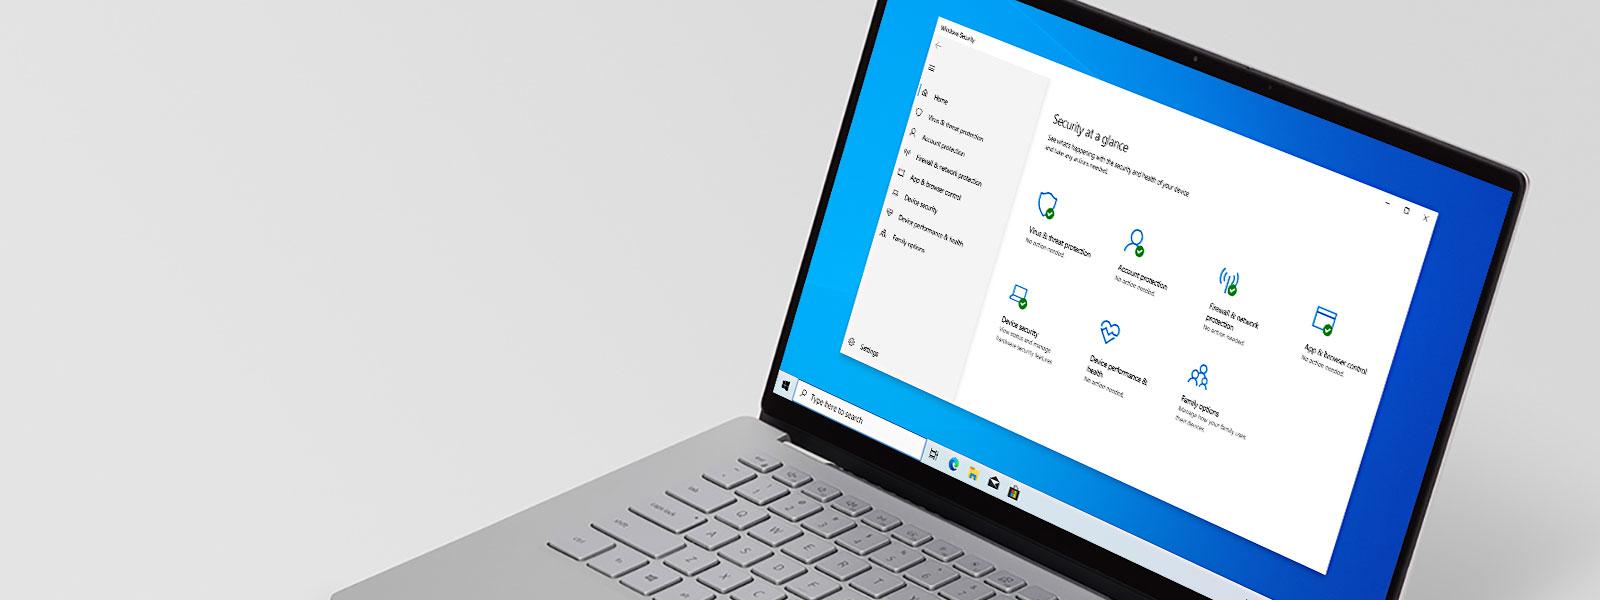 Ноутбук с Windows 10, на экране которого открыто окно Антивирусной программы в Microsoft Defender